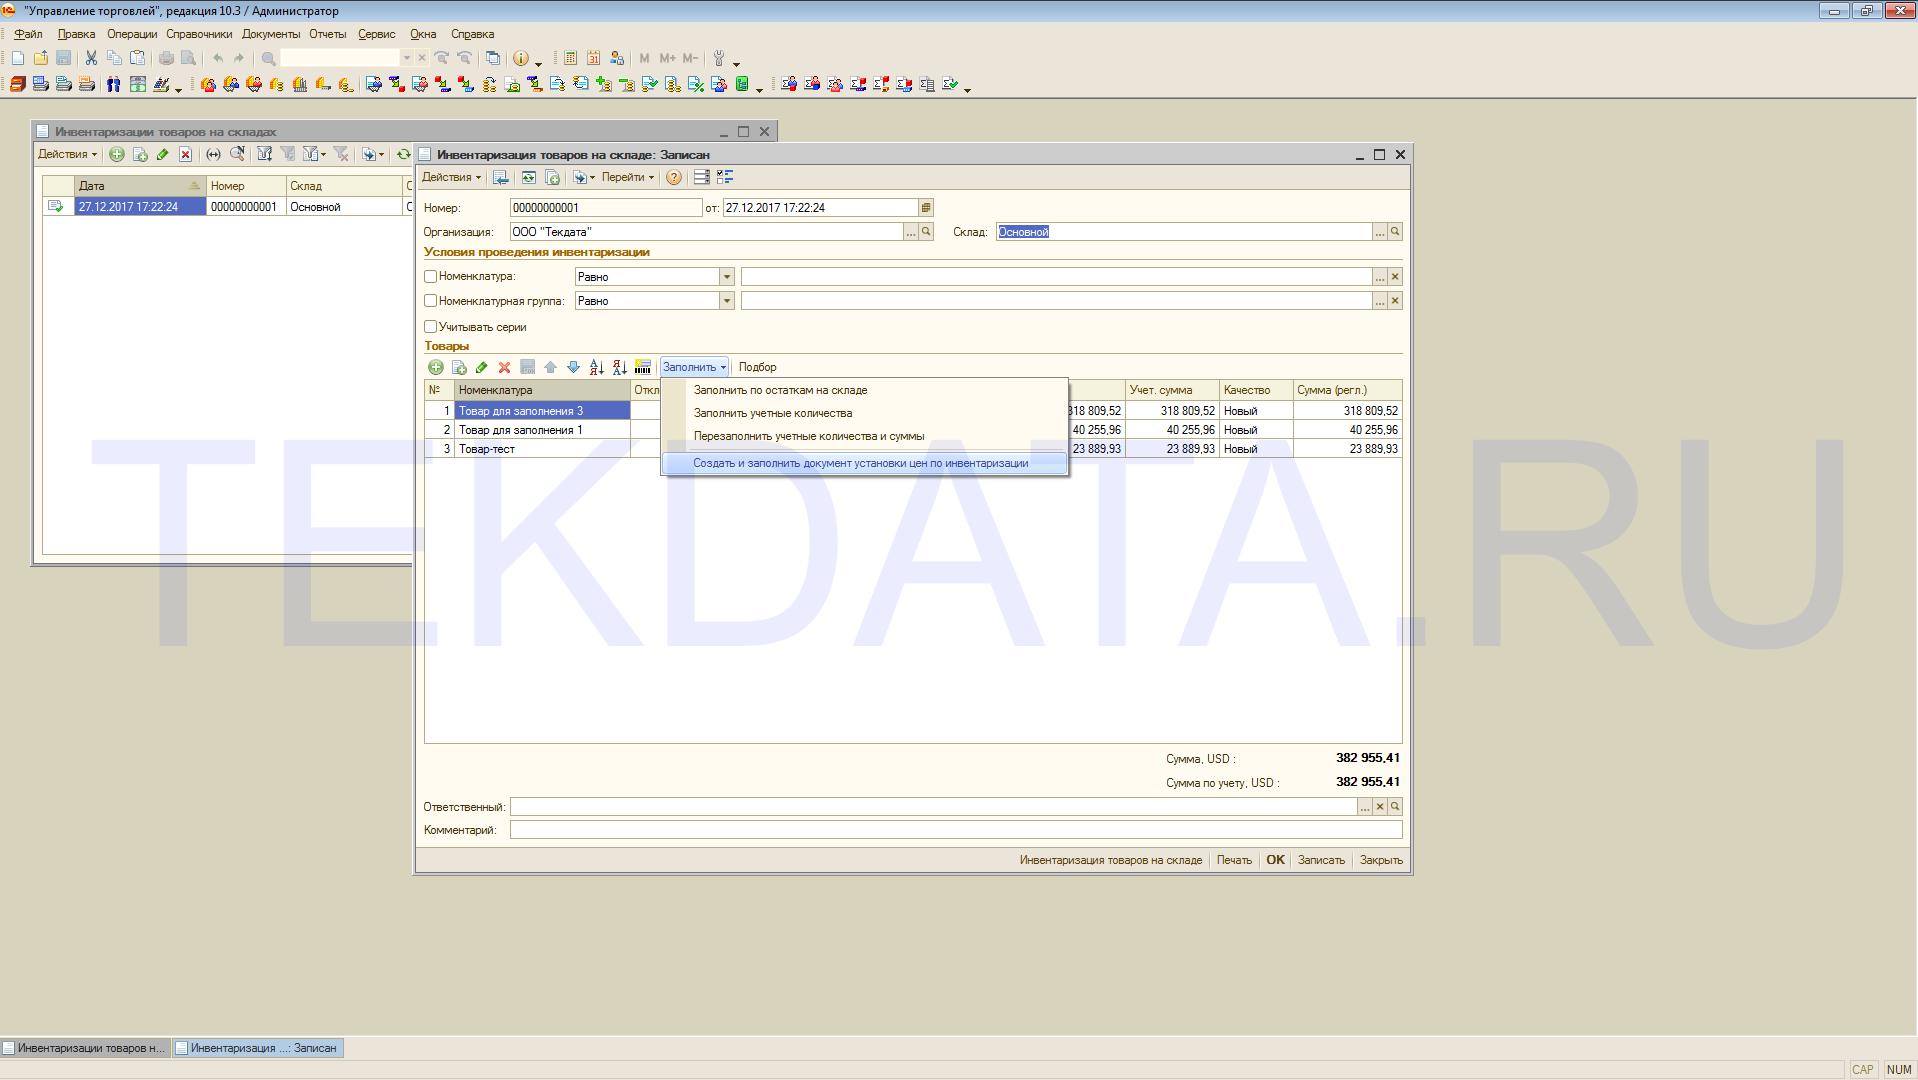 Создание и заполнение документа Установка цен номенклатуры по Инвентаризации товаров на складе в 1С 8.2 (внешняя обработка *.epf) | tekdata.ru